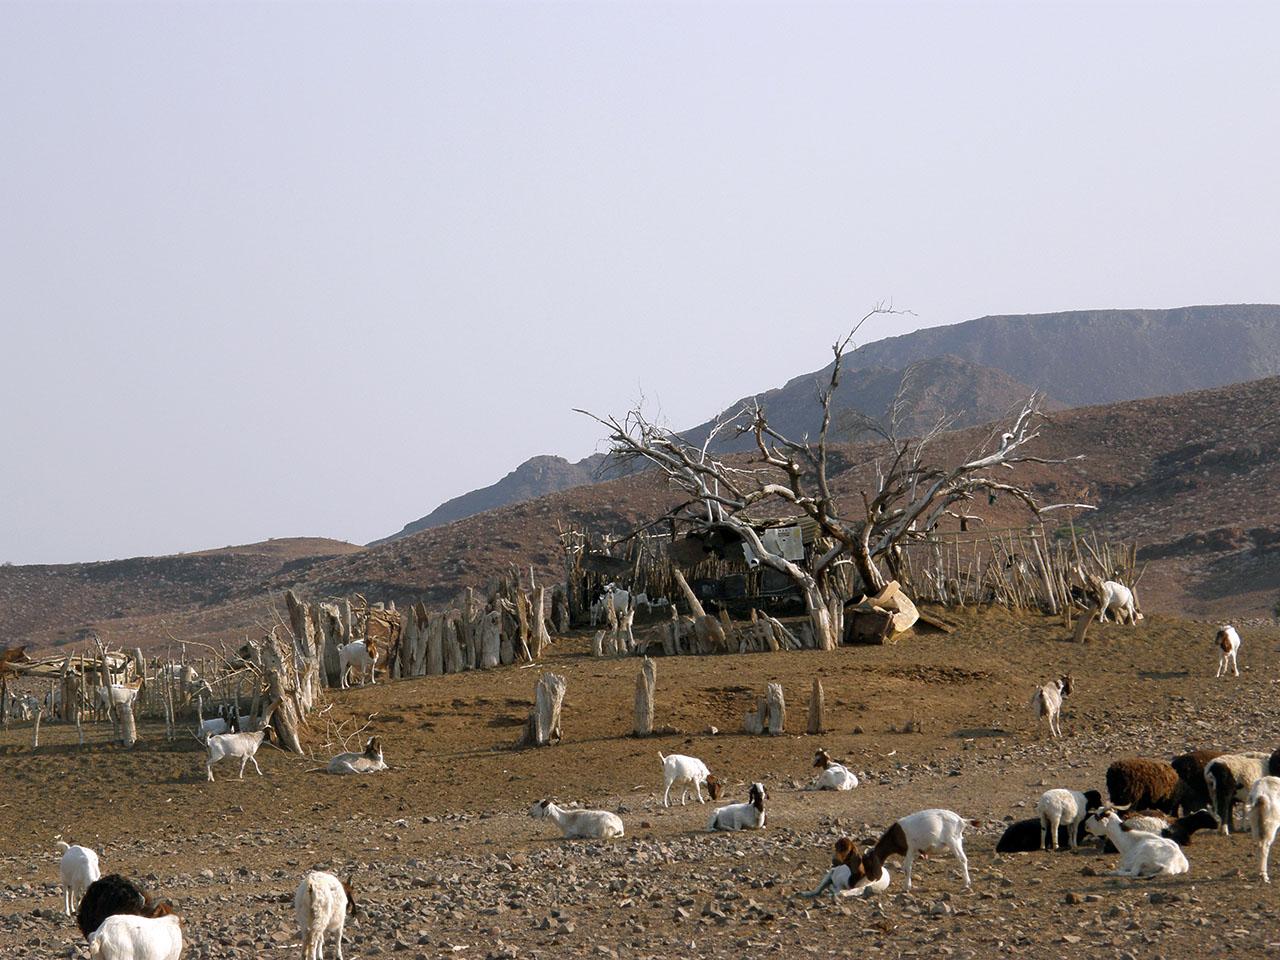 Livestock barn, Damaraland, Namibia